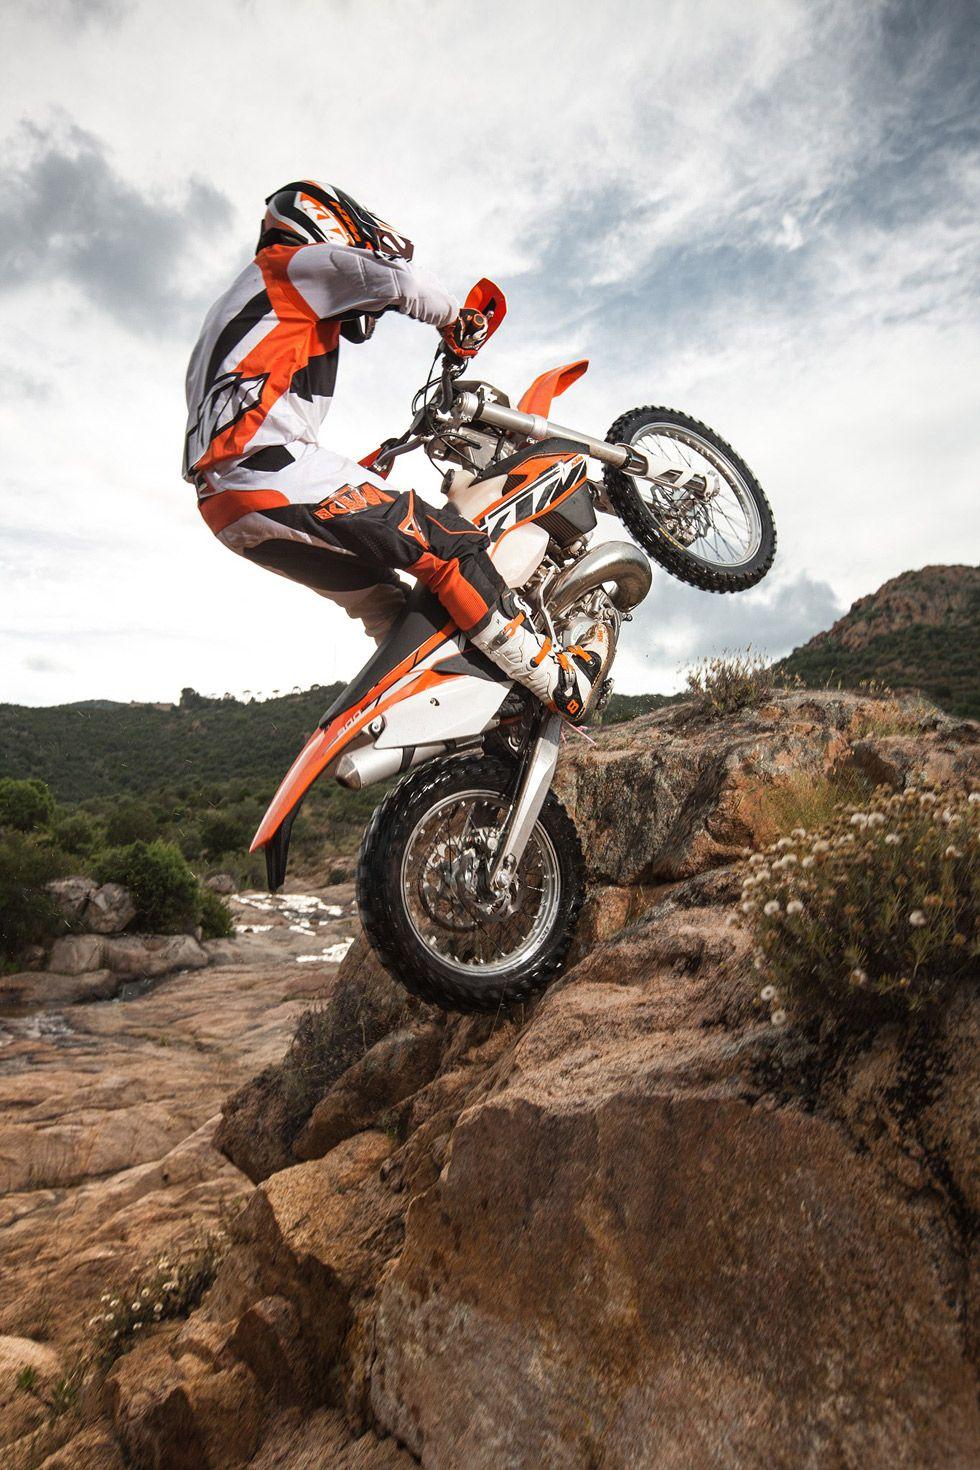 motocross ktm bike hd wallpapers 5 | motocross ktm bike hd